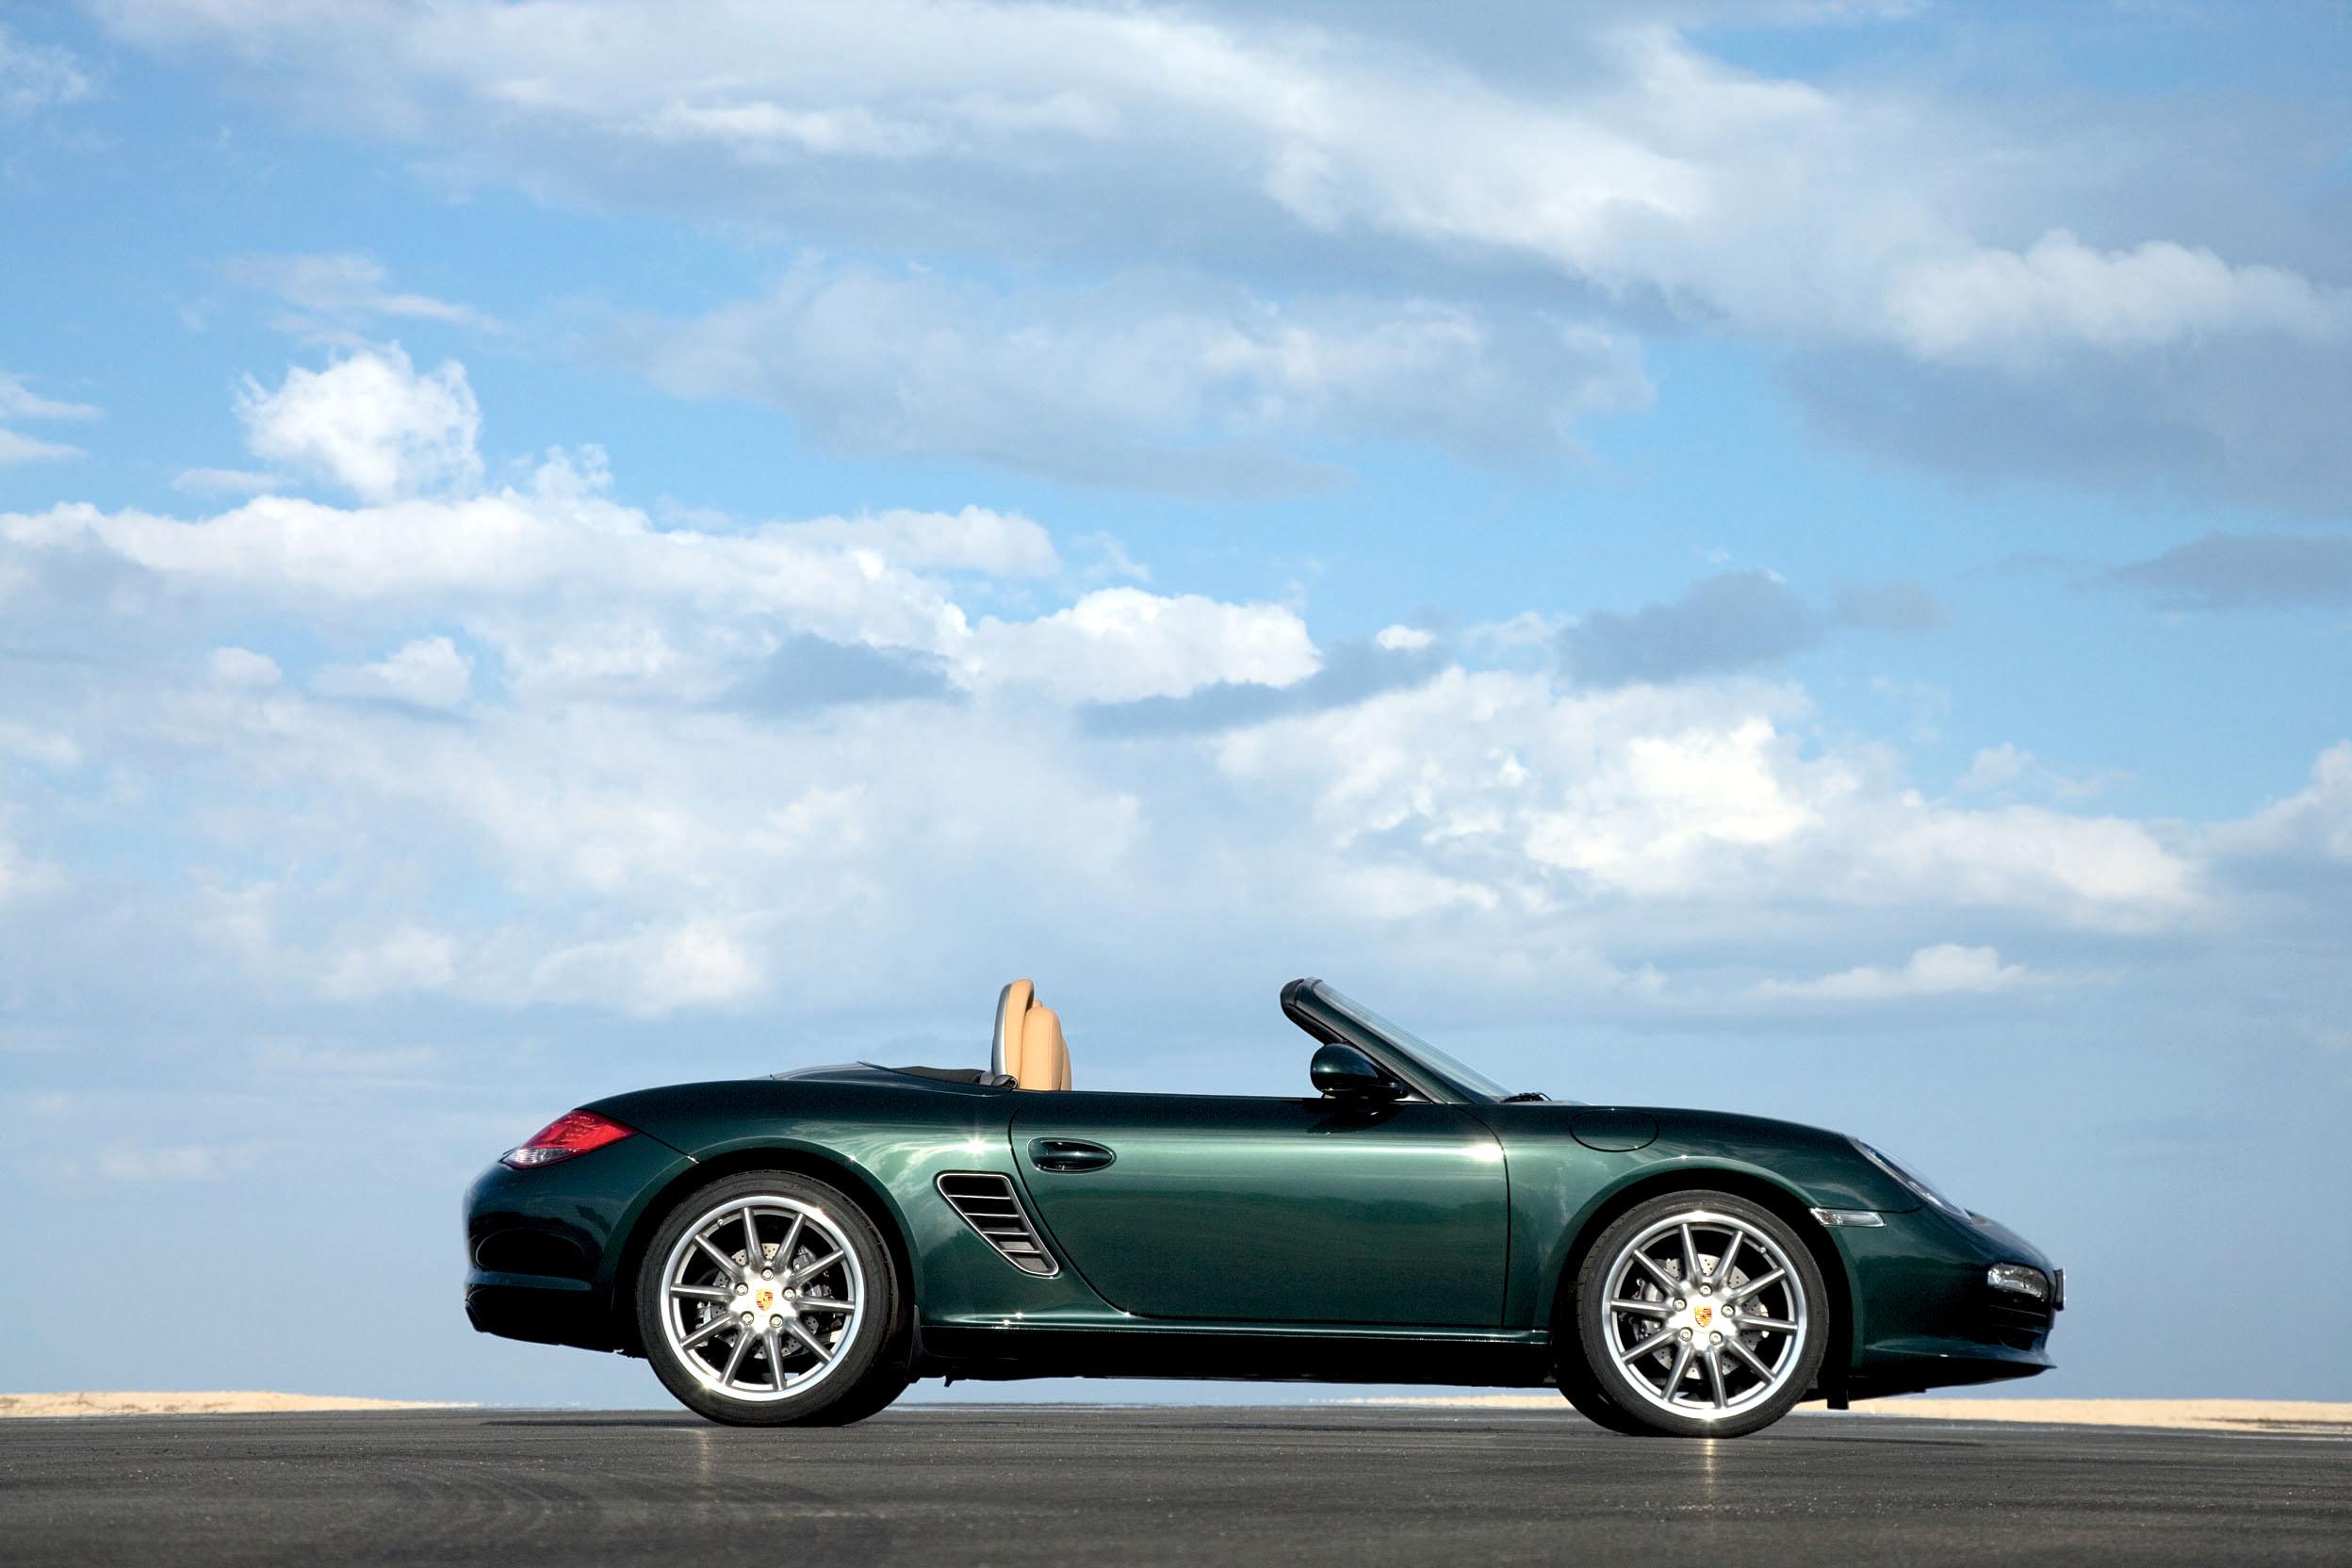 2010 Porsche Boxster profile